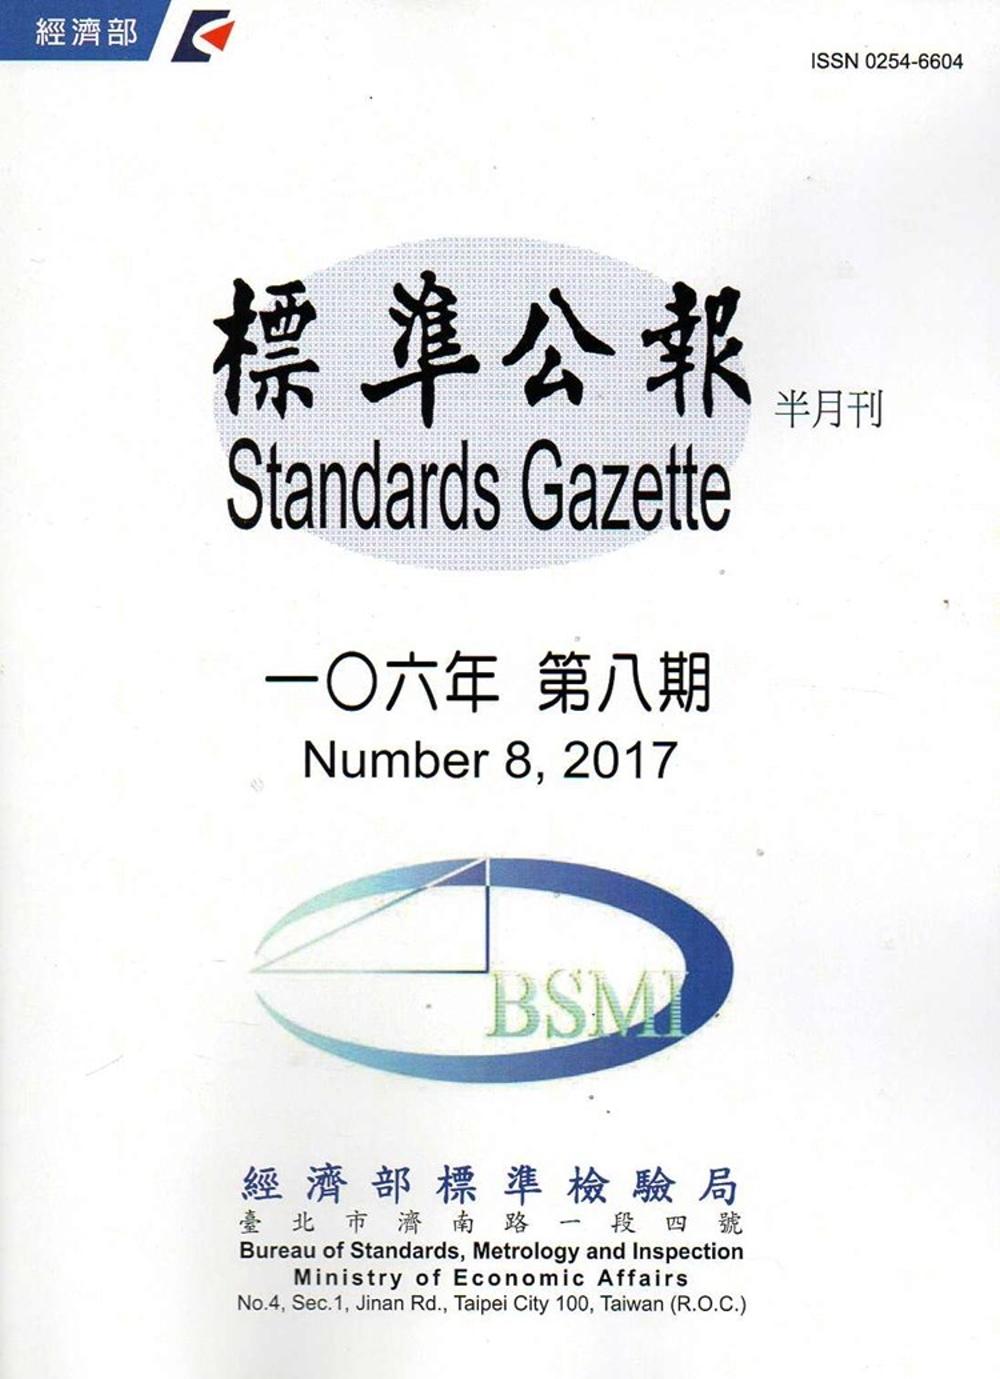 標準公報半月刊106年 第八期